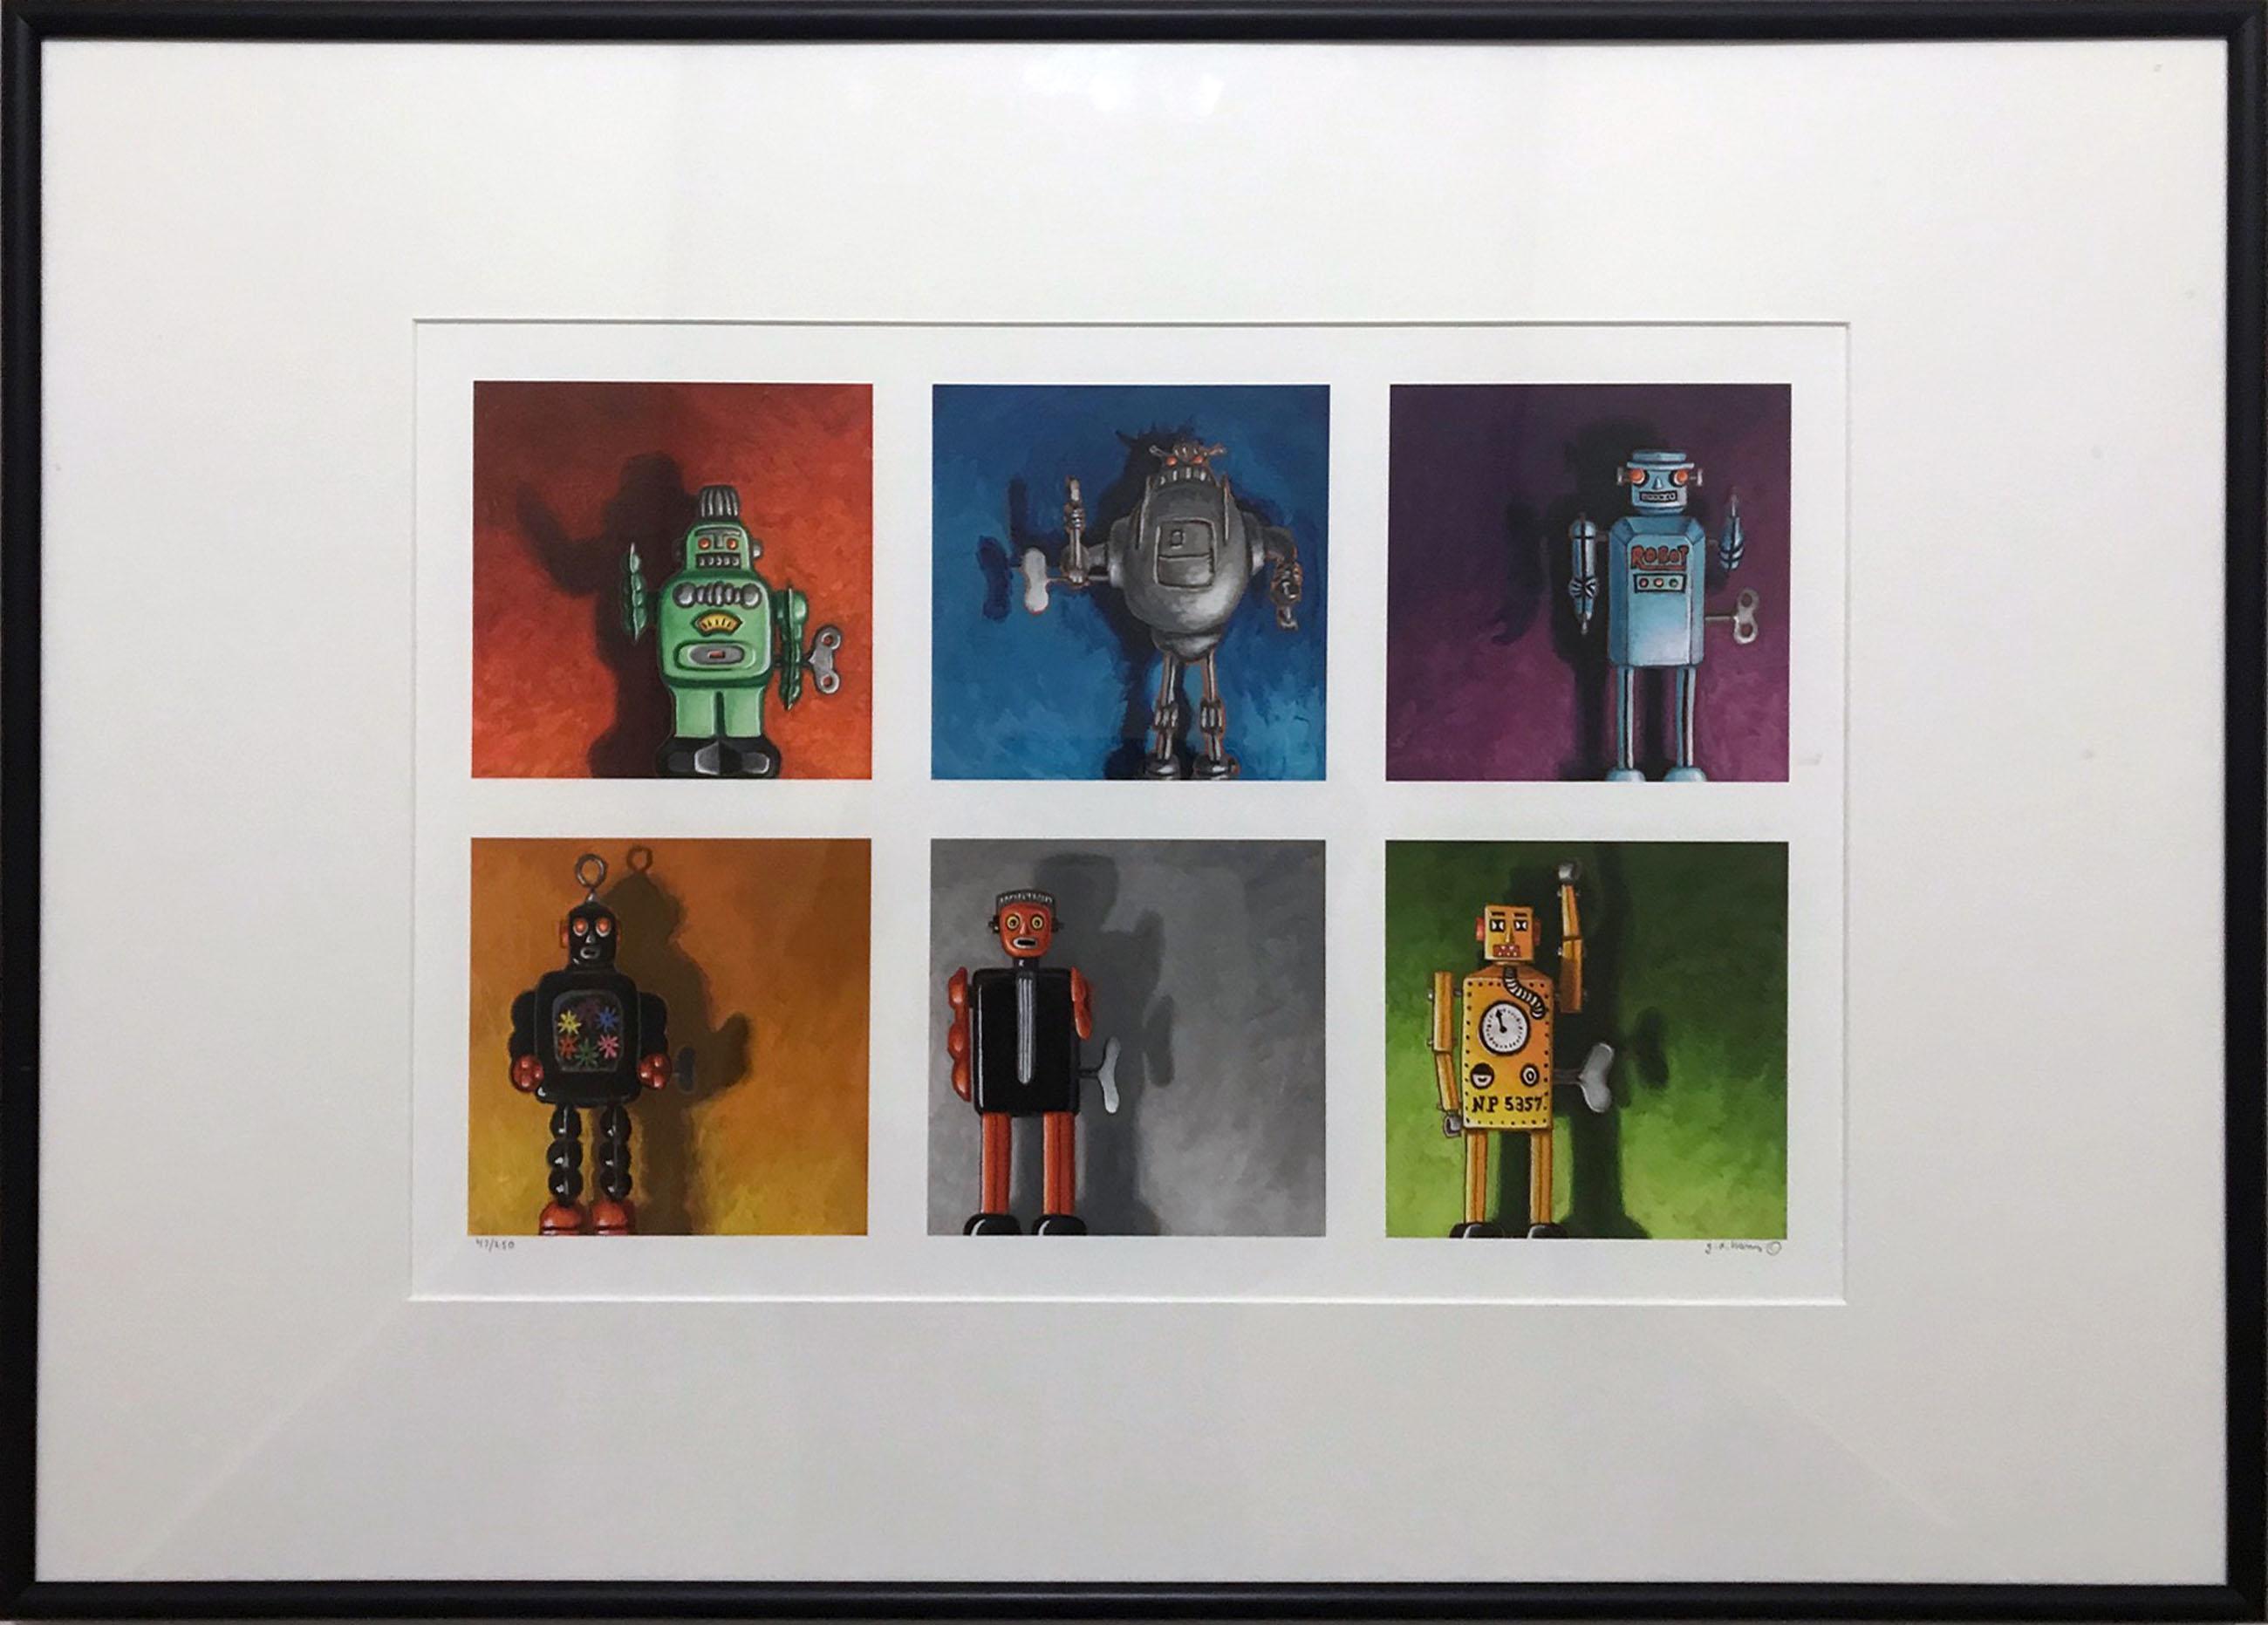 Geoffrey Aaron Harris, Wind-Up Robots, Digital Print